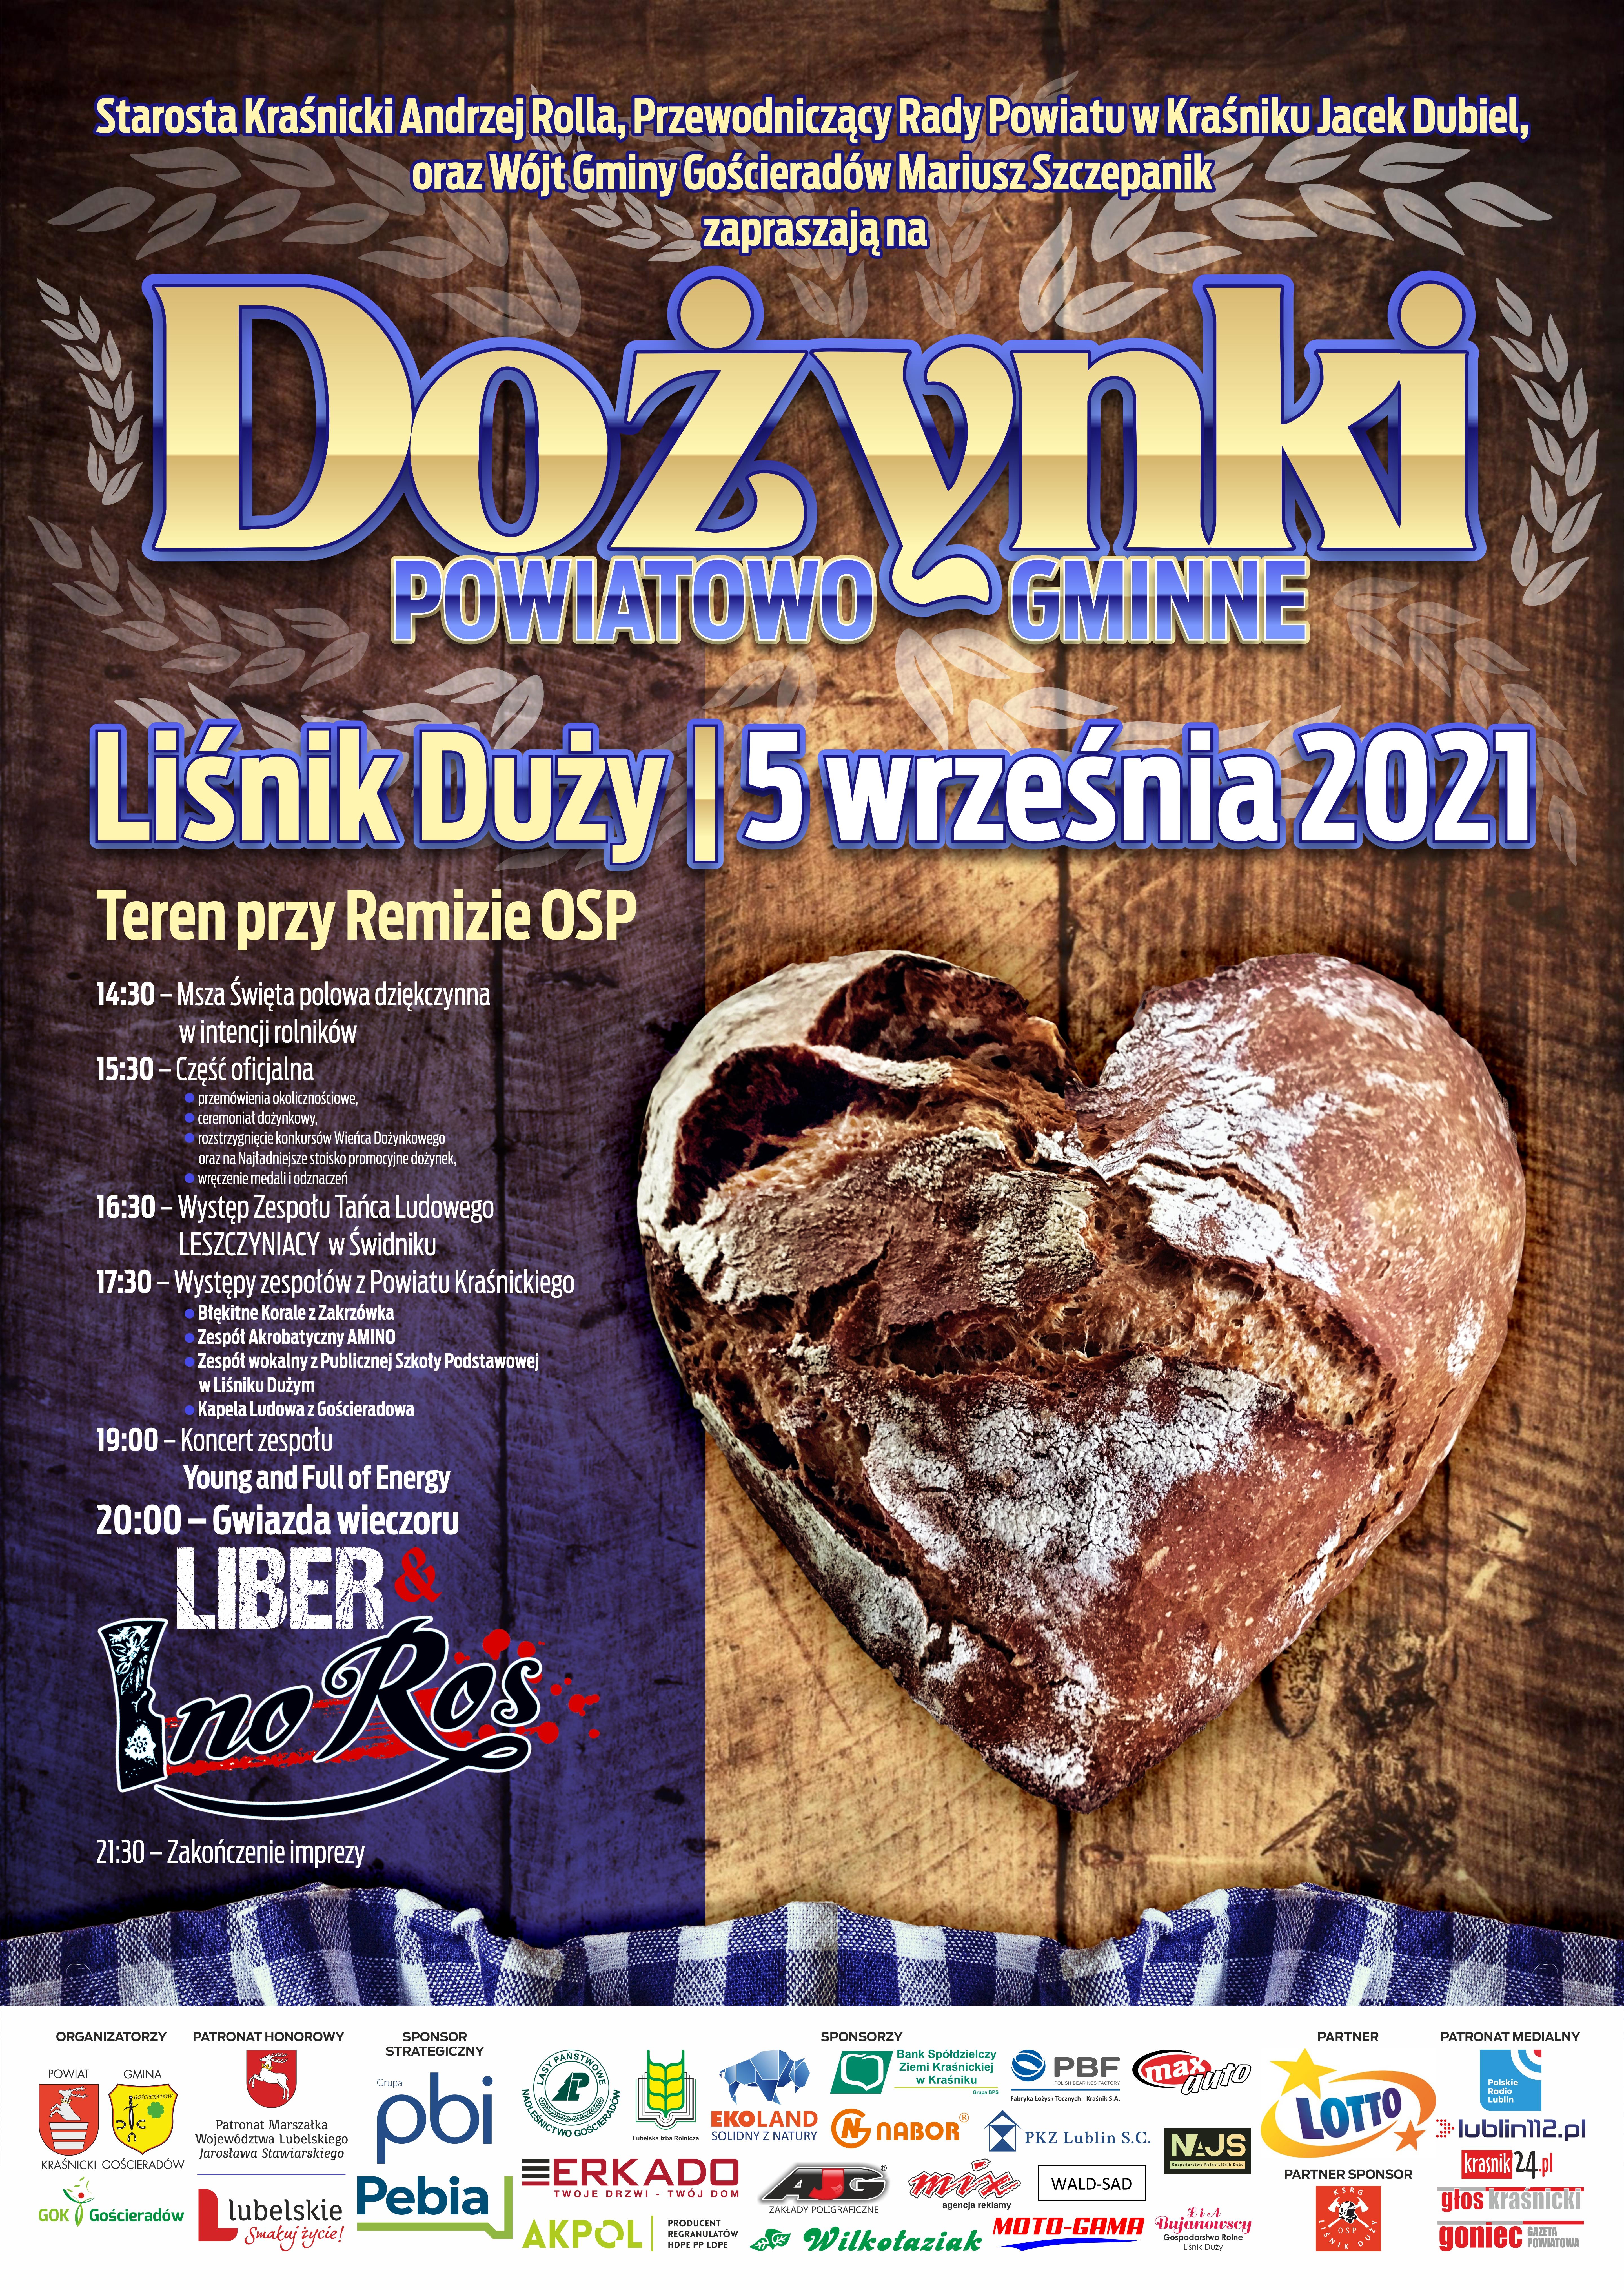 Dożynki powiatowo-gminne w Liśniku Dużym 05.09.2021r.